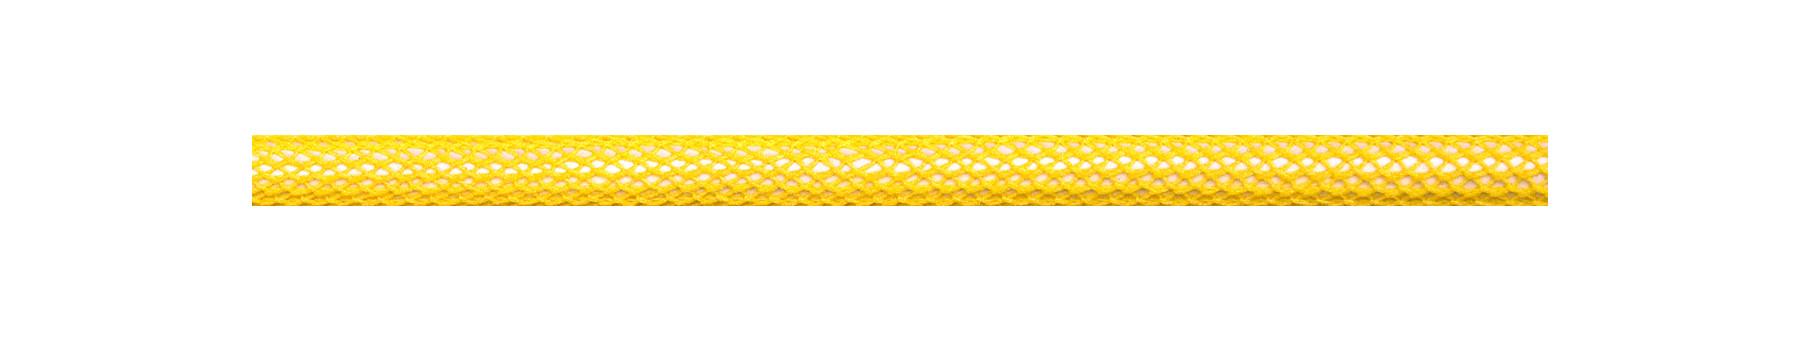 Textilkabel Gelb Netzartiger Textilmantel